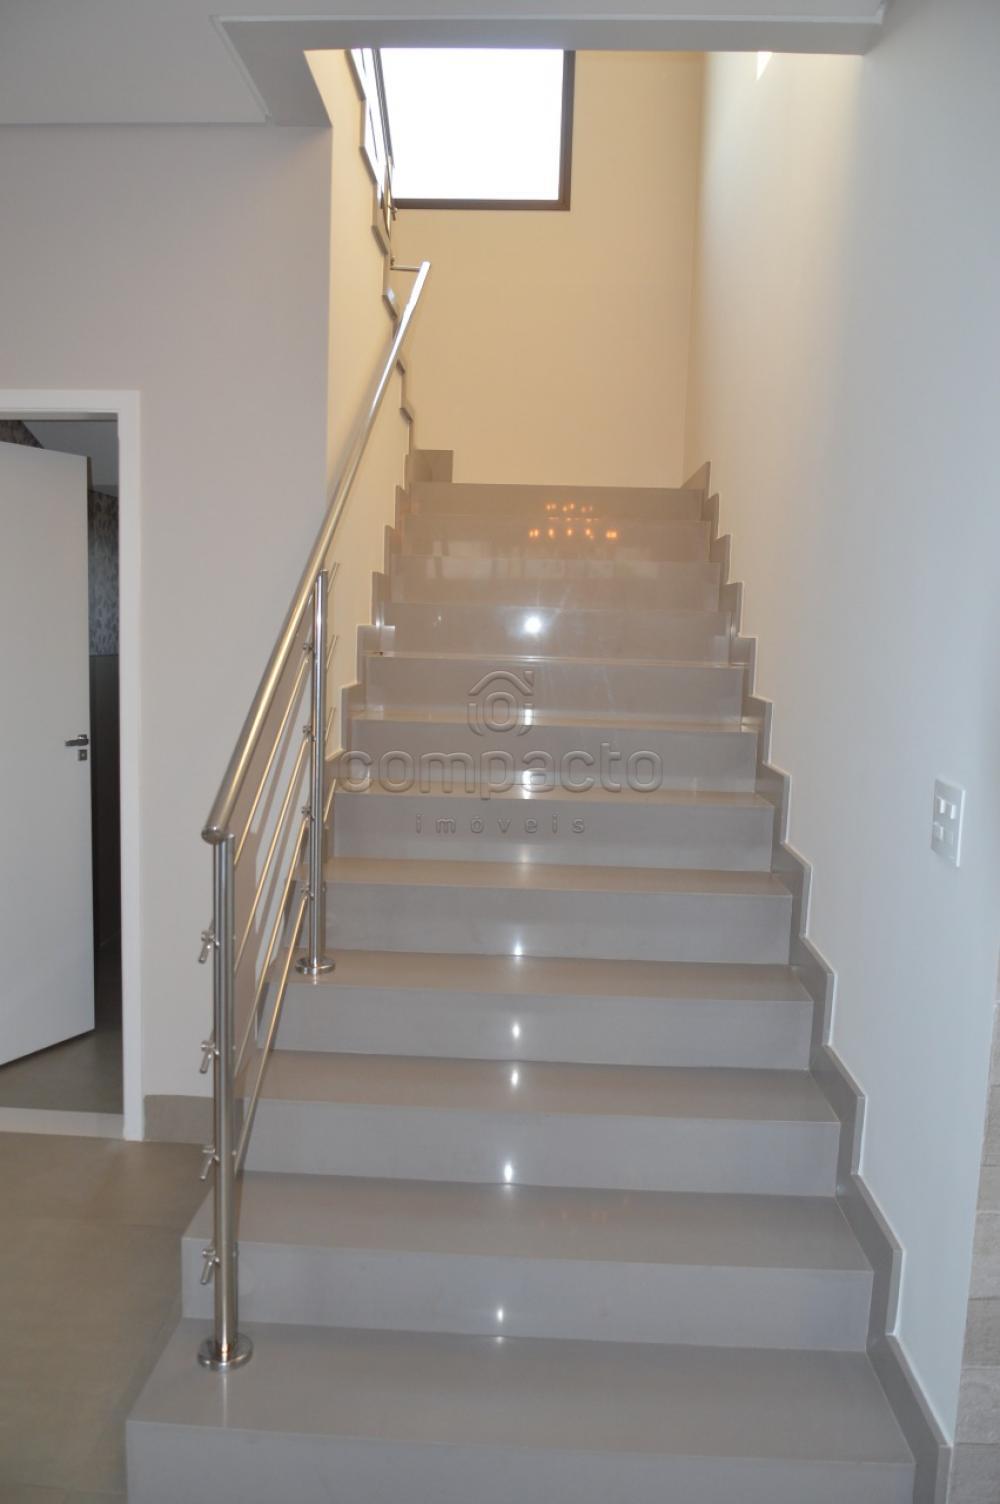 Comprar Casa / Condomínio em Mirassol apenas R$ 1.900.000,00 - Foto 10